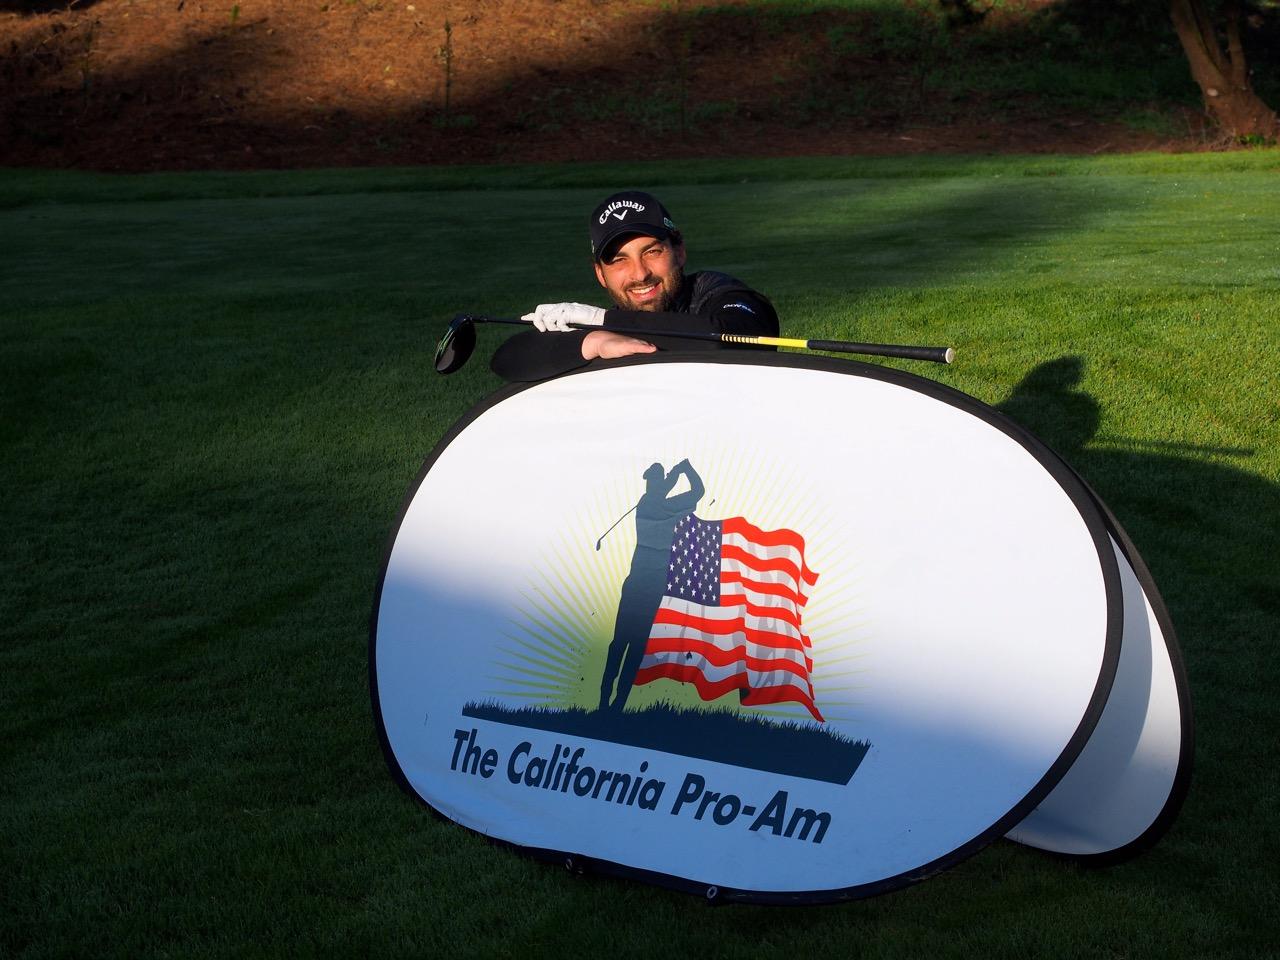 Thomas Linard, membre du PGA European Tour au départ du California Pro-Am